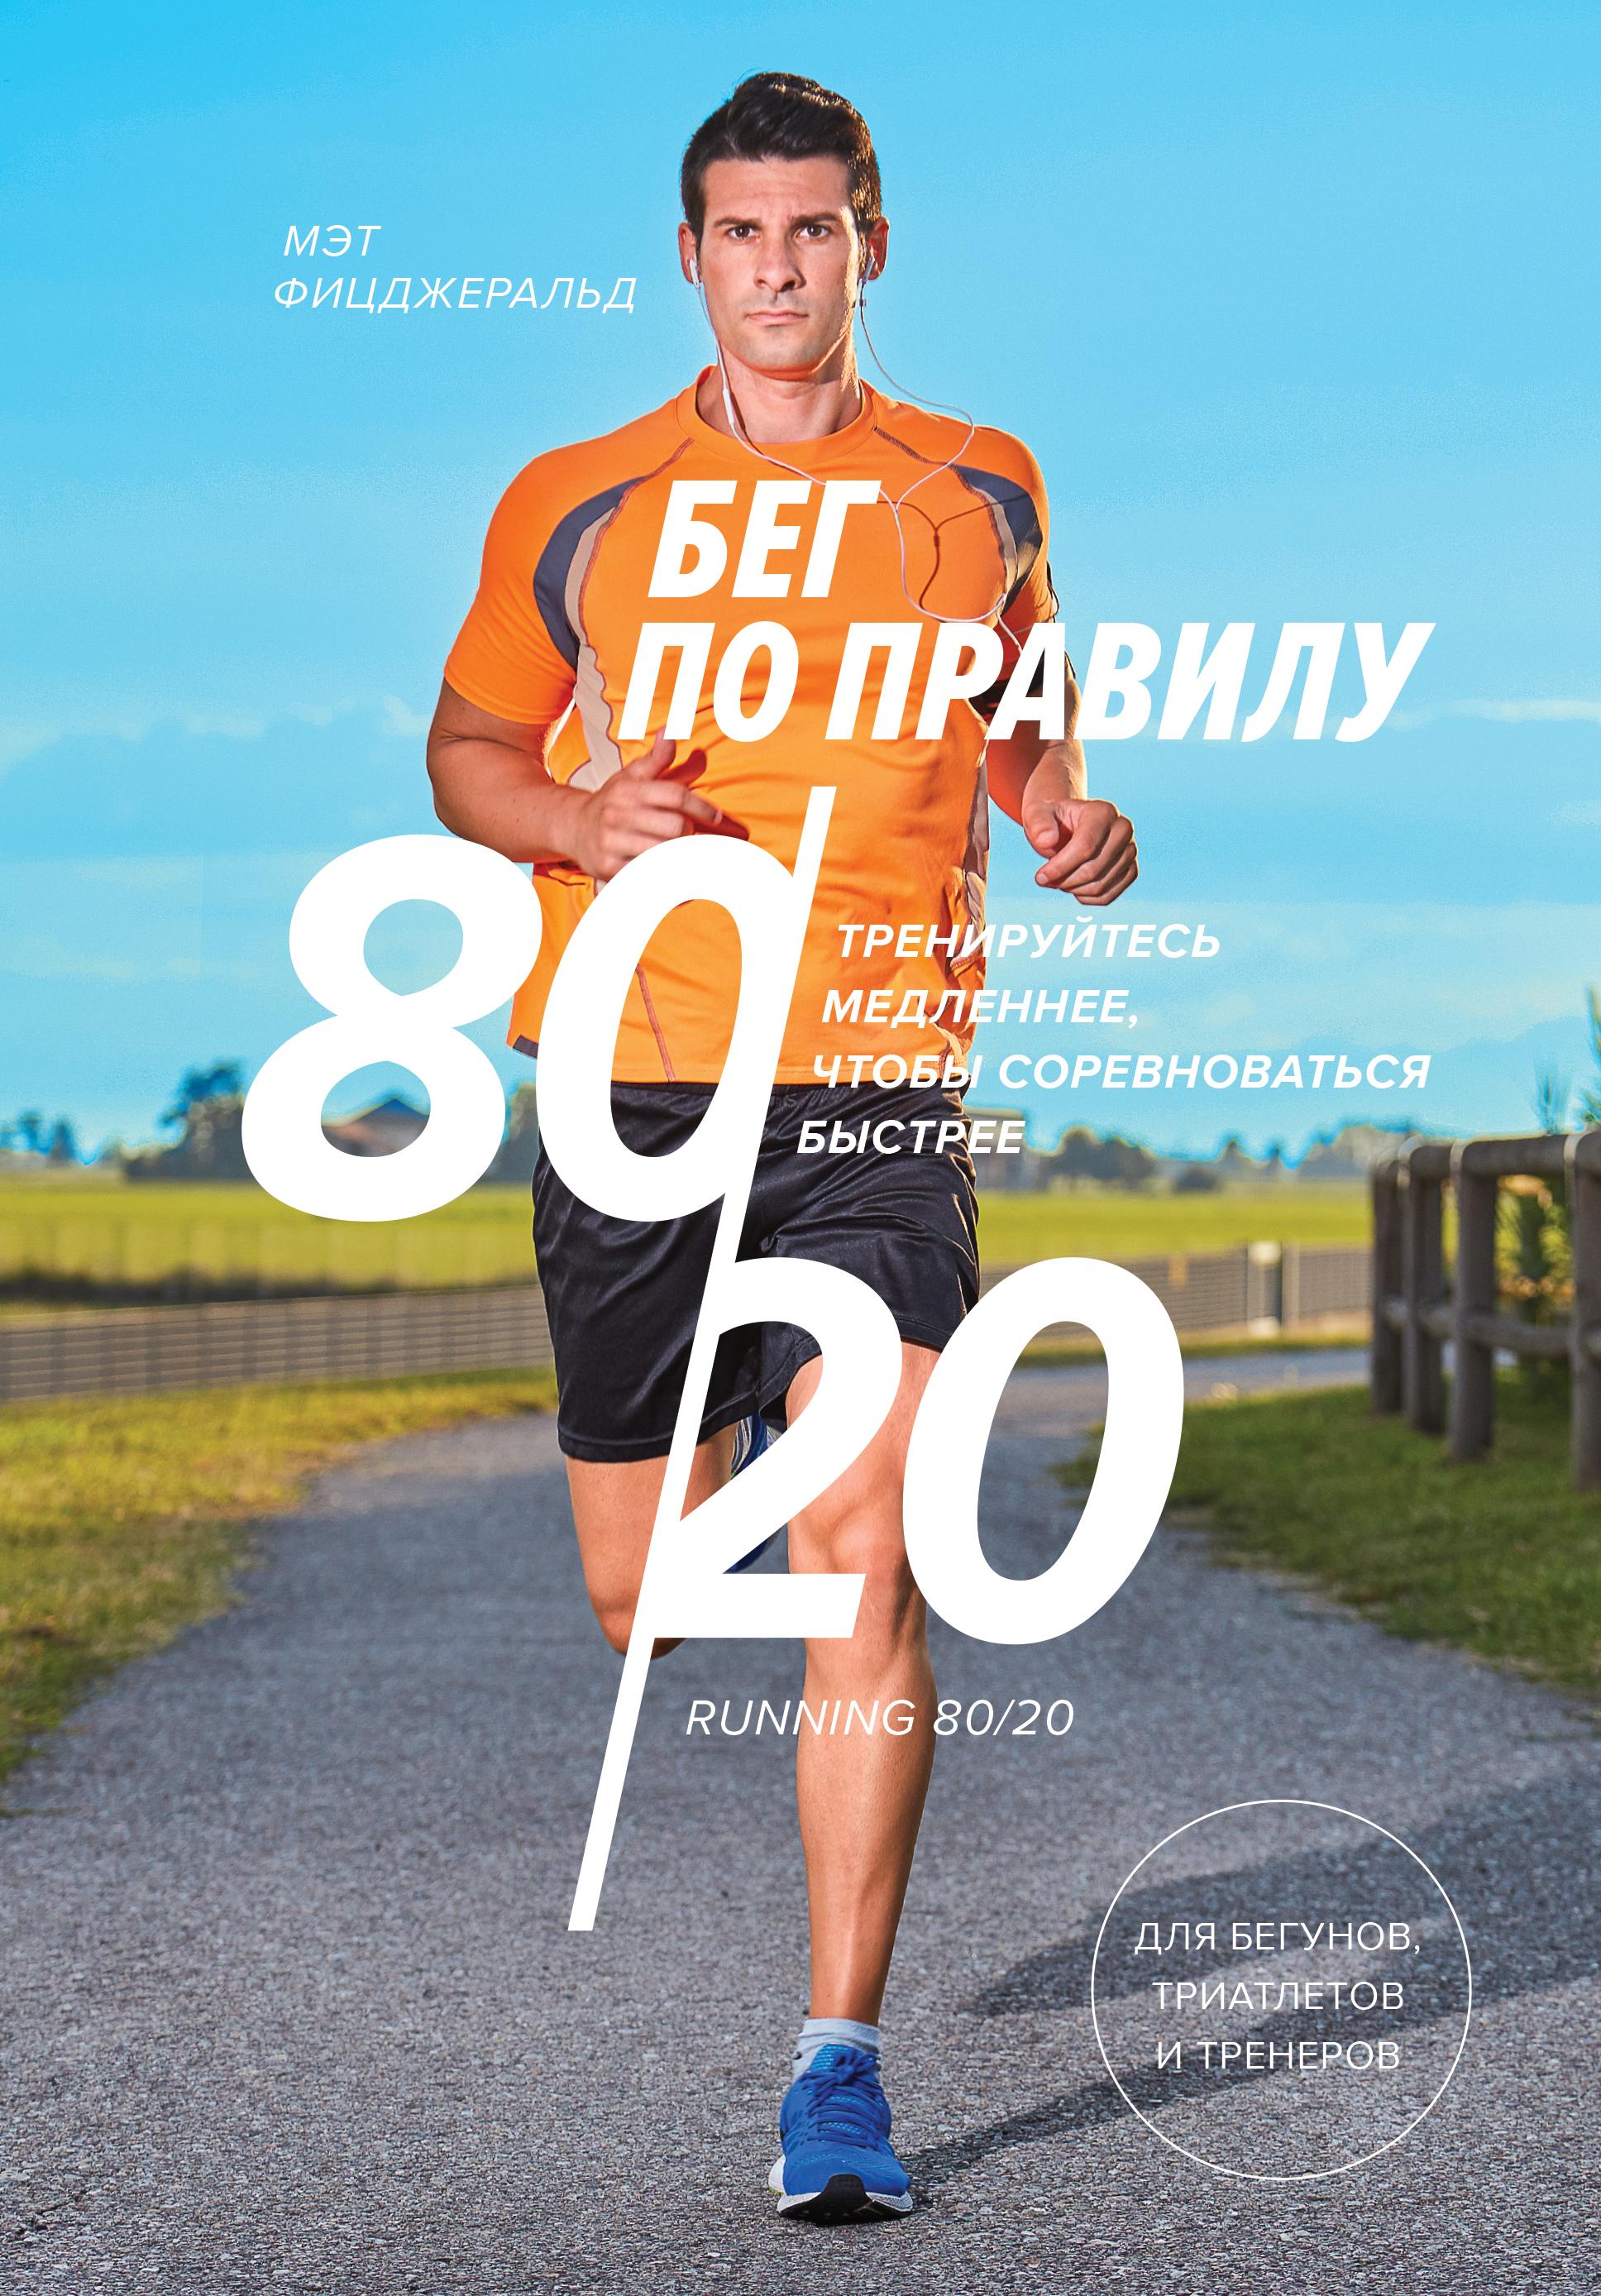 Бег по правилу 80/20. Тренируйтесь медленнее, чтобы соревноваться быстрее от book24.ru